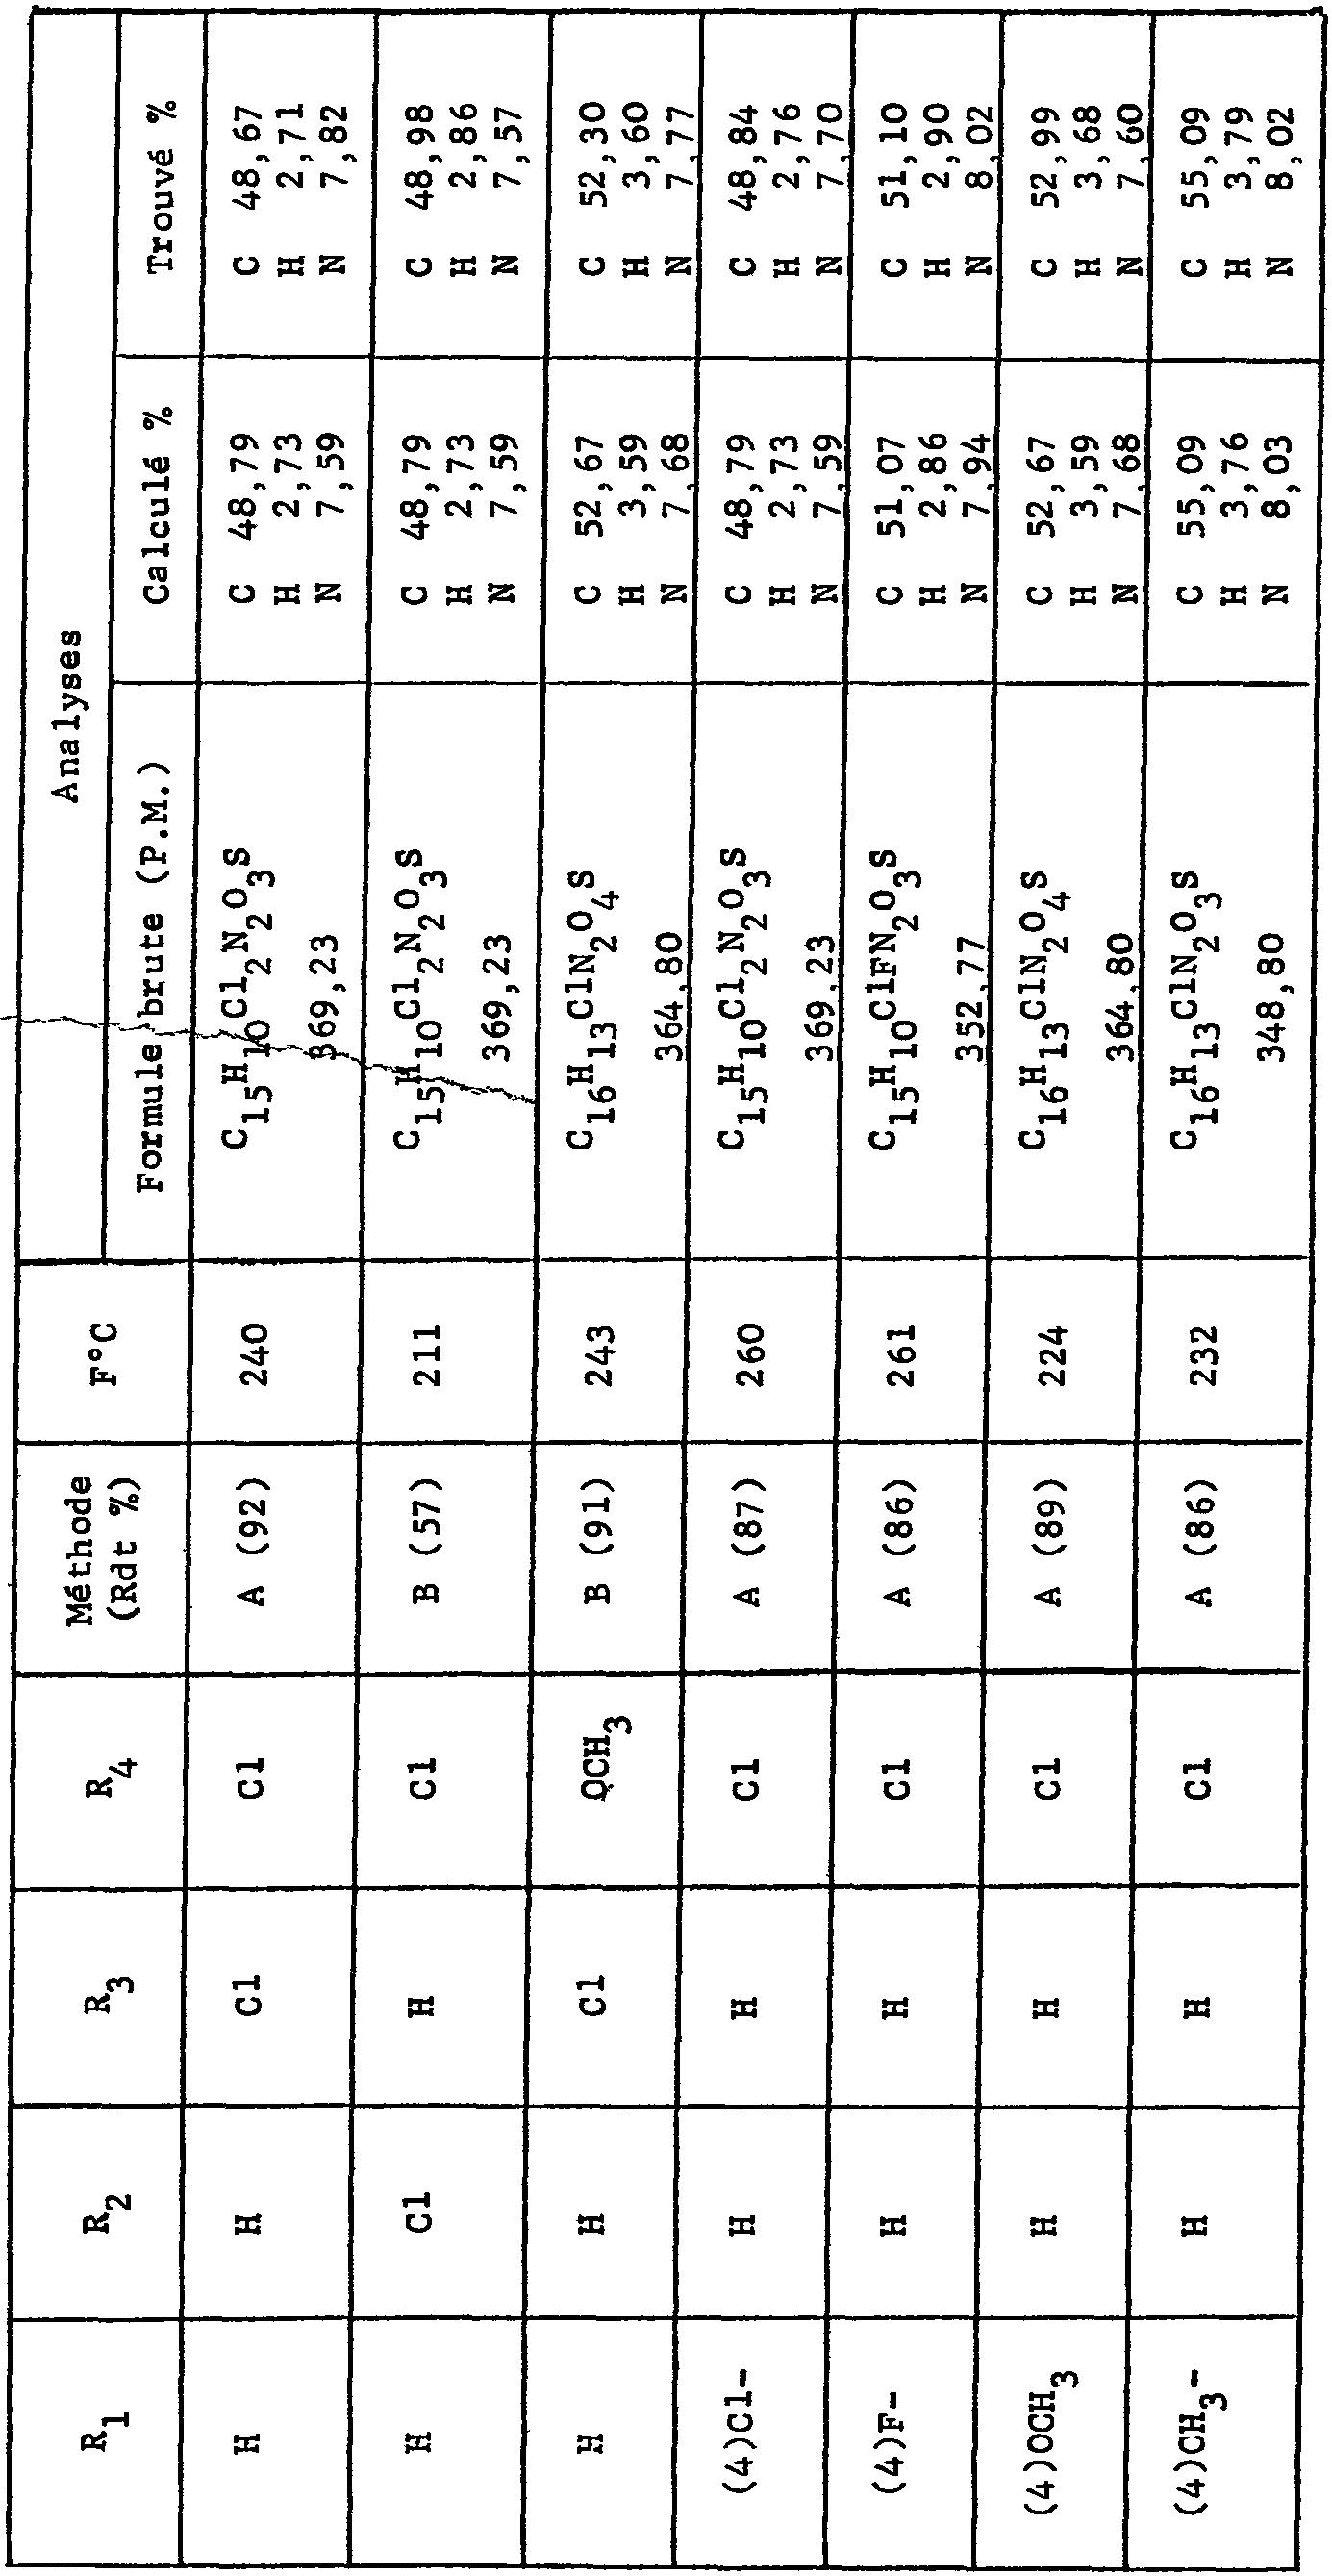 Figure img00300001